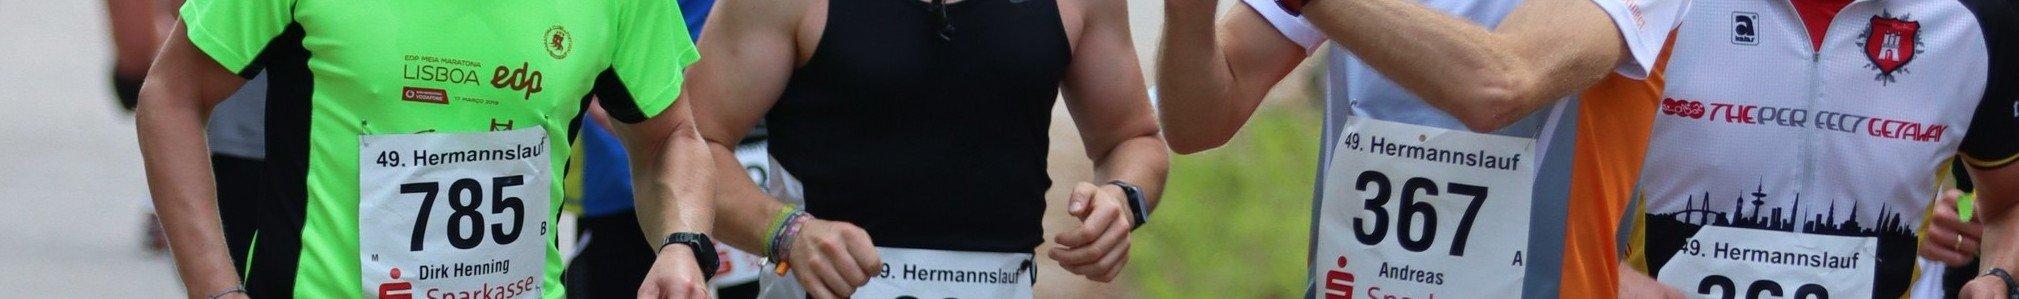 Fotos Hermannslauf 2021